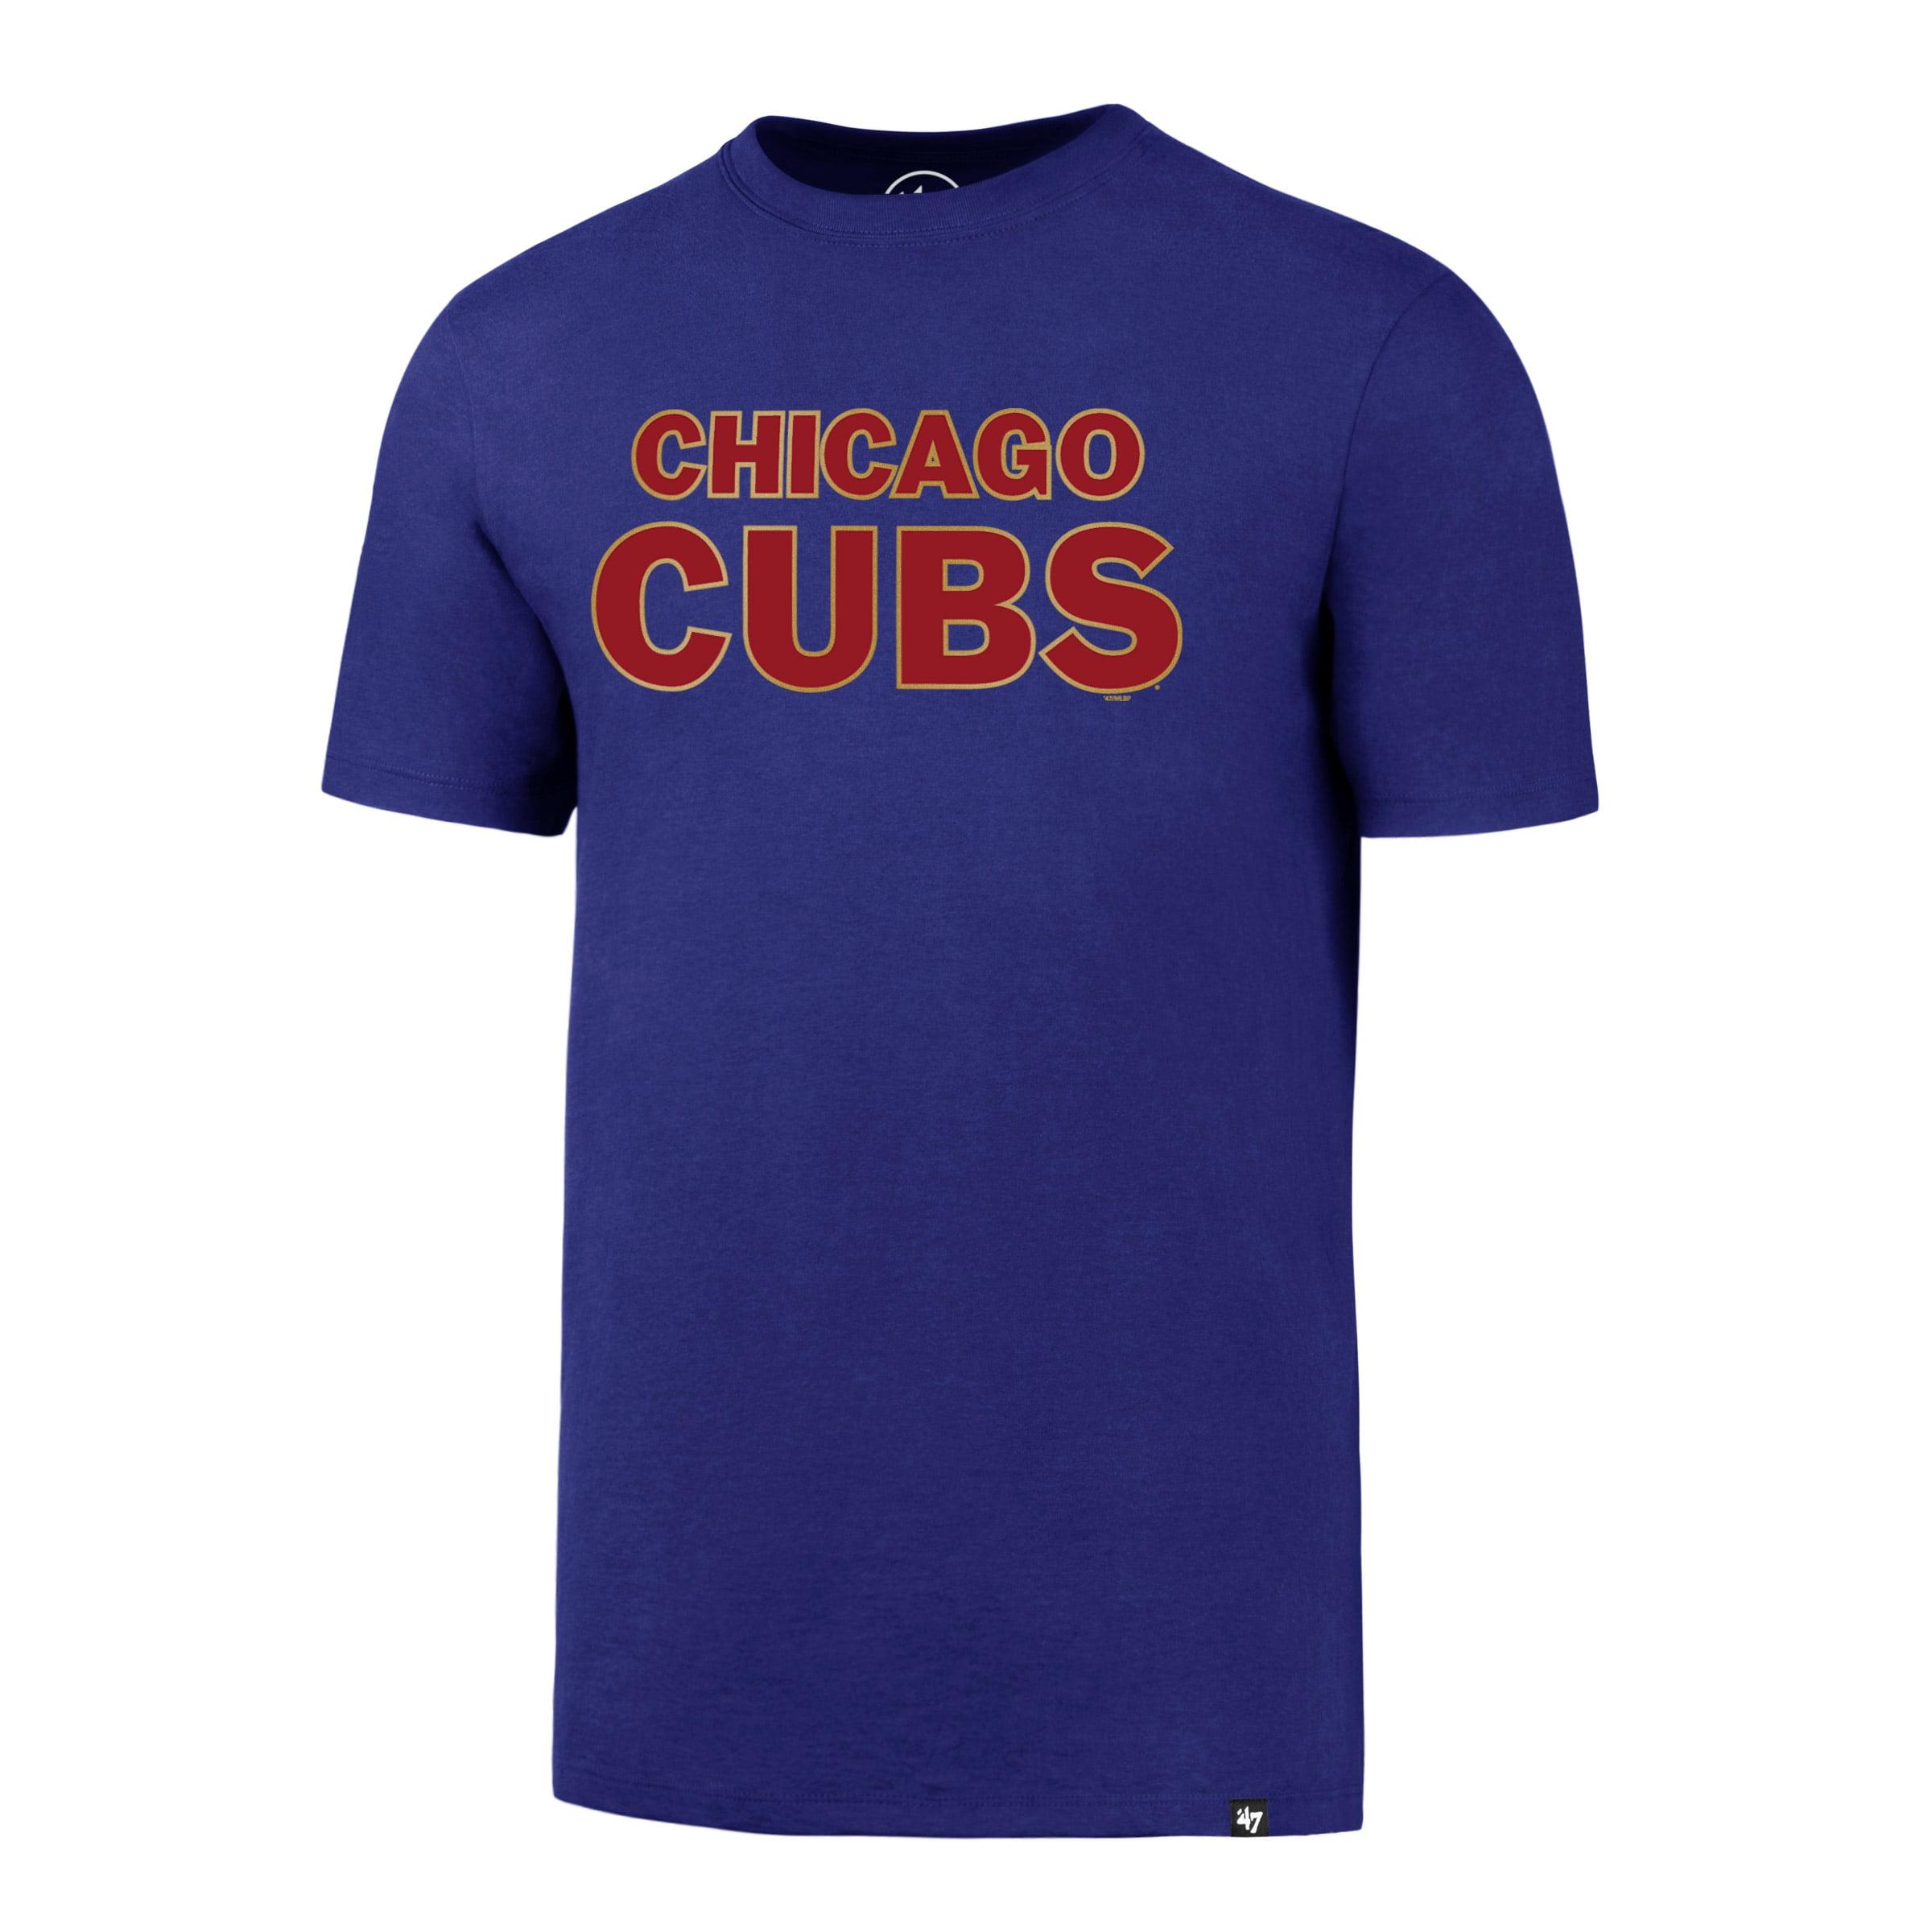 Chicago Cubs '47 2017 Gold Program Diamond King Splitter T-Shirt - Royal